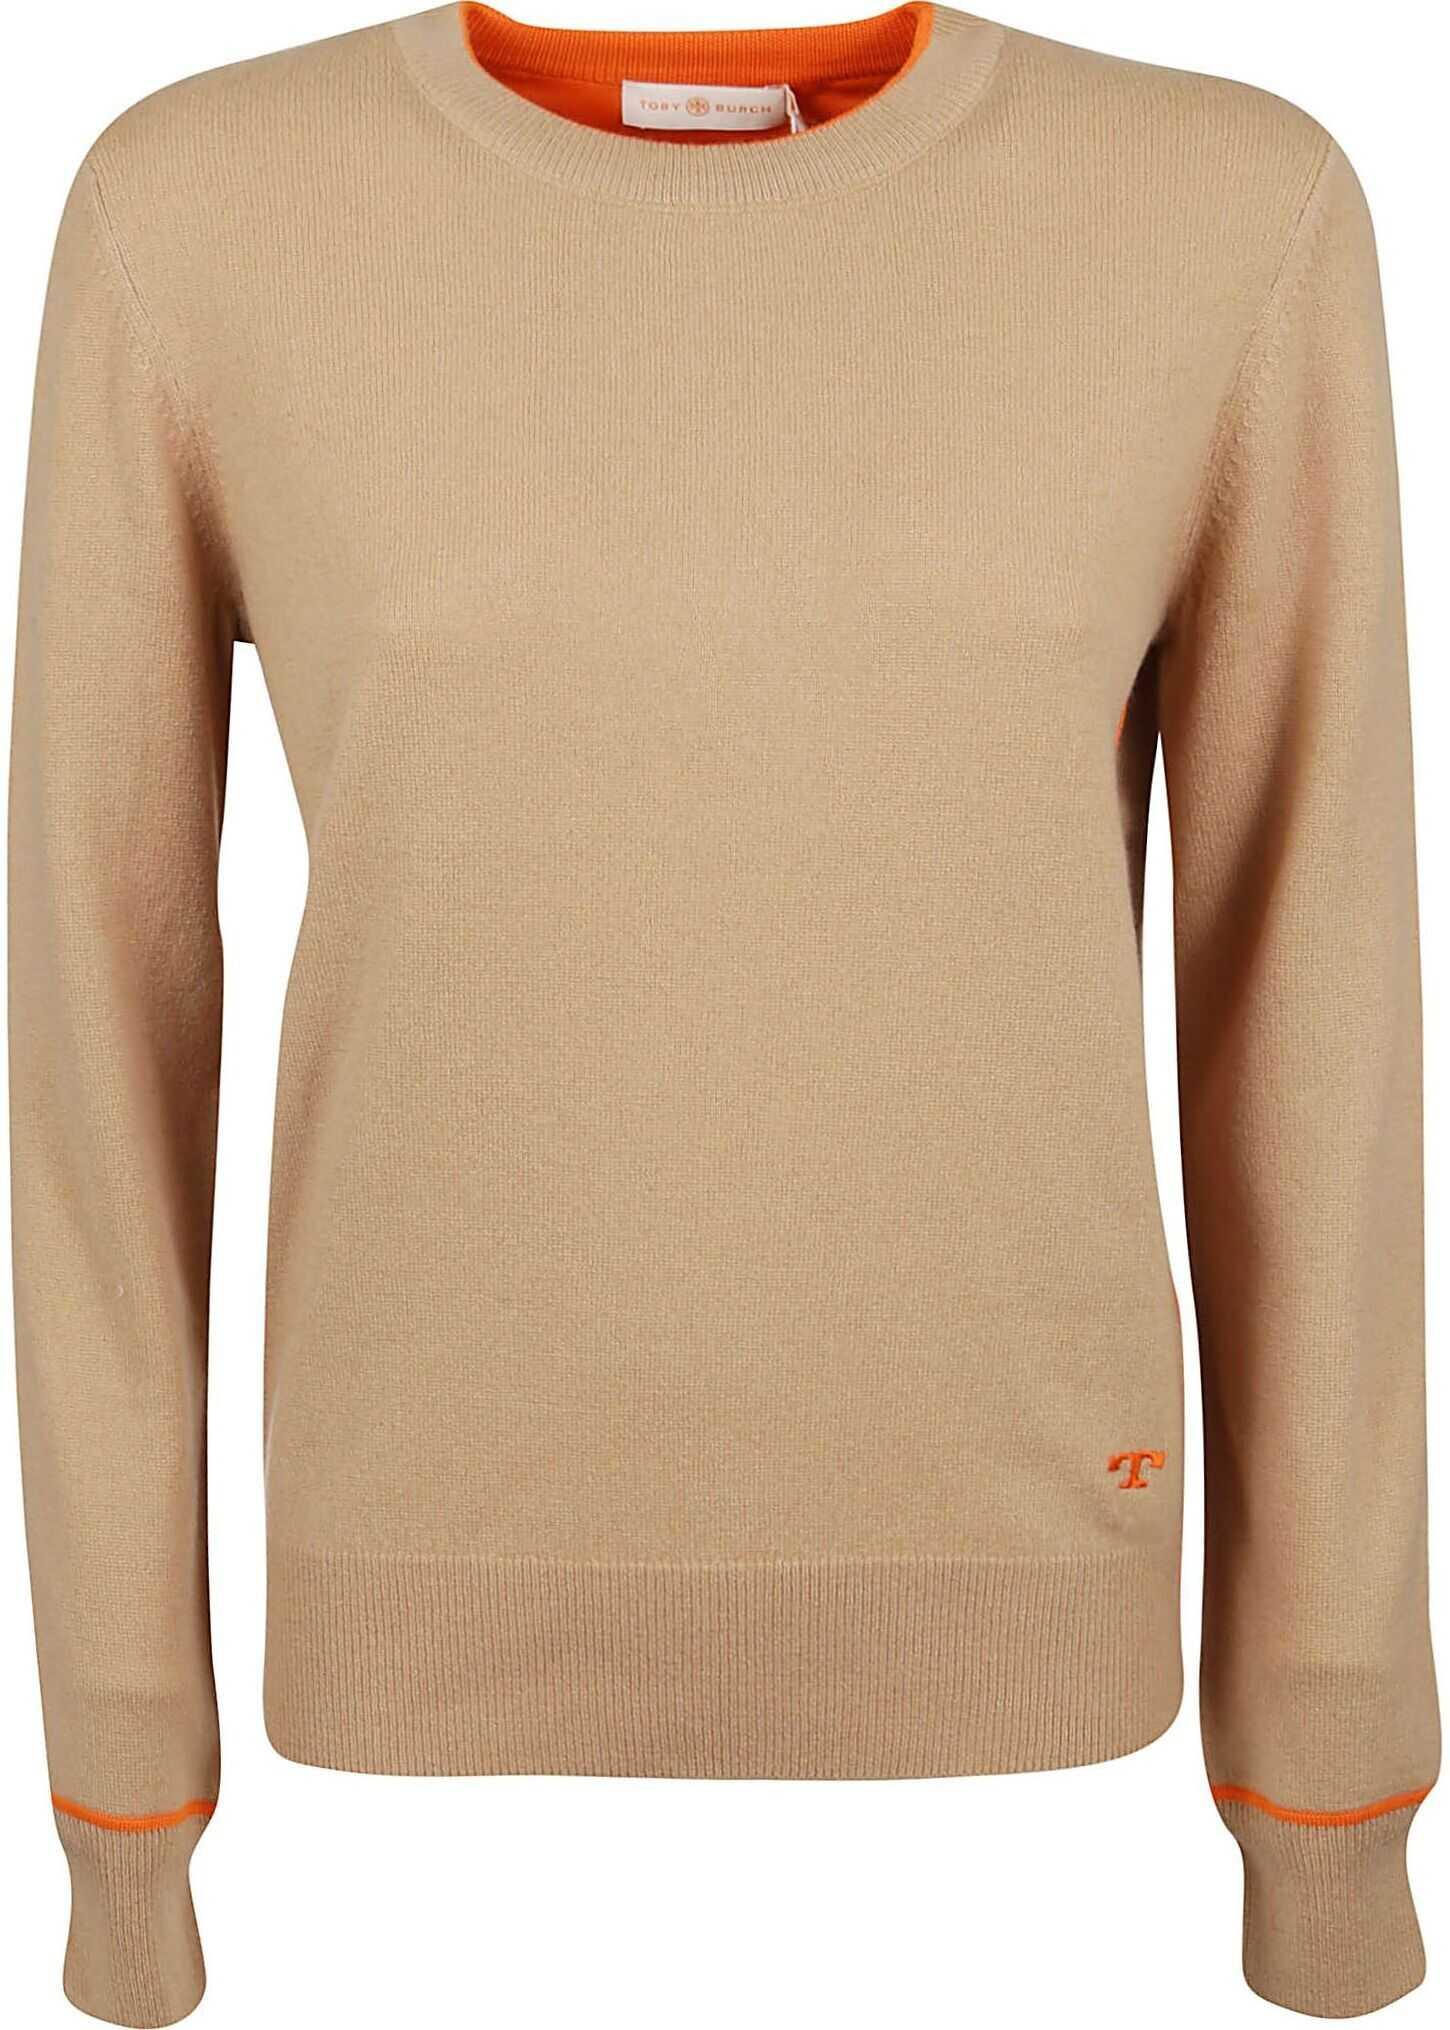 Tory Burch Cashmere Sweater BEIGE